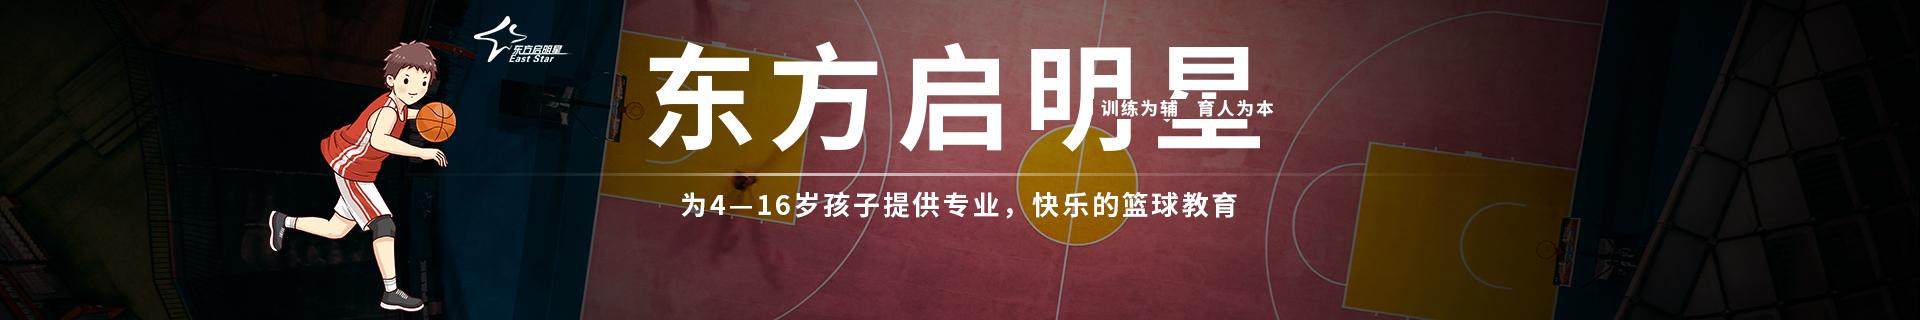 深圳龙岗区东方启明星大芬V5校区